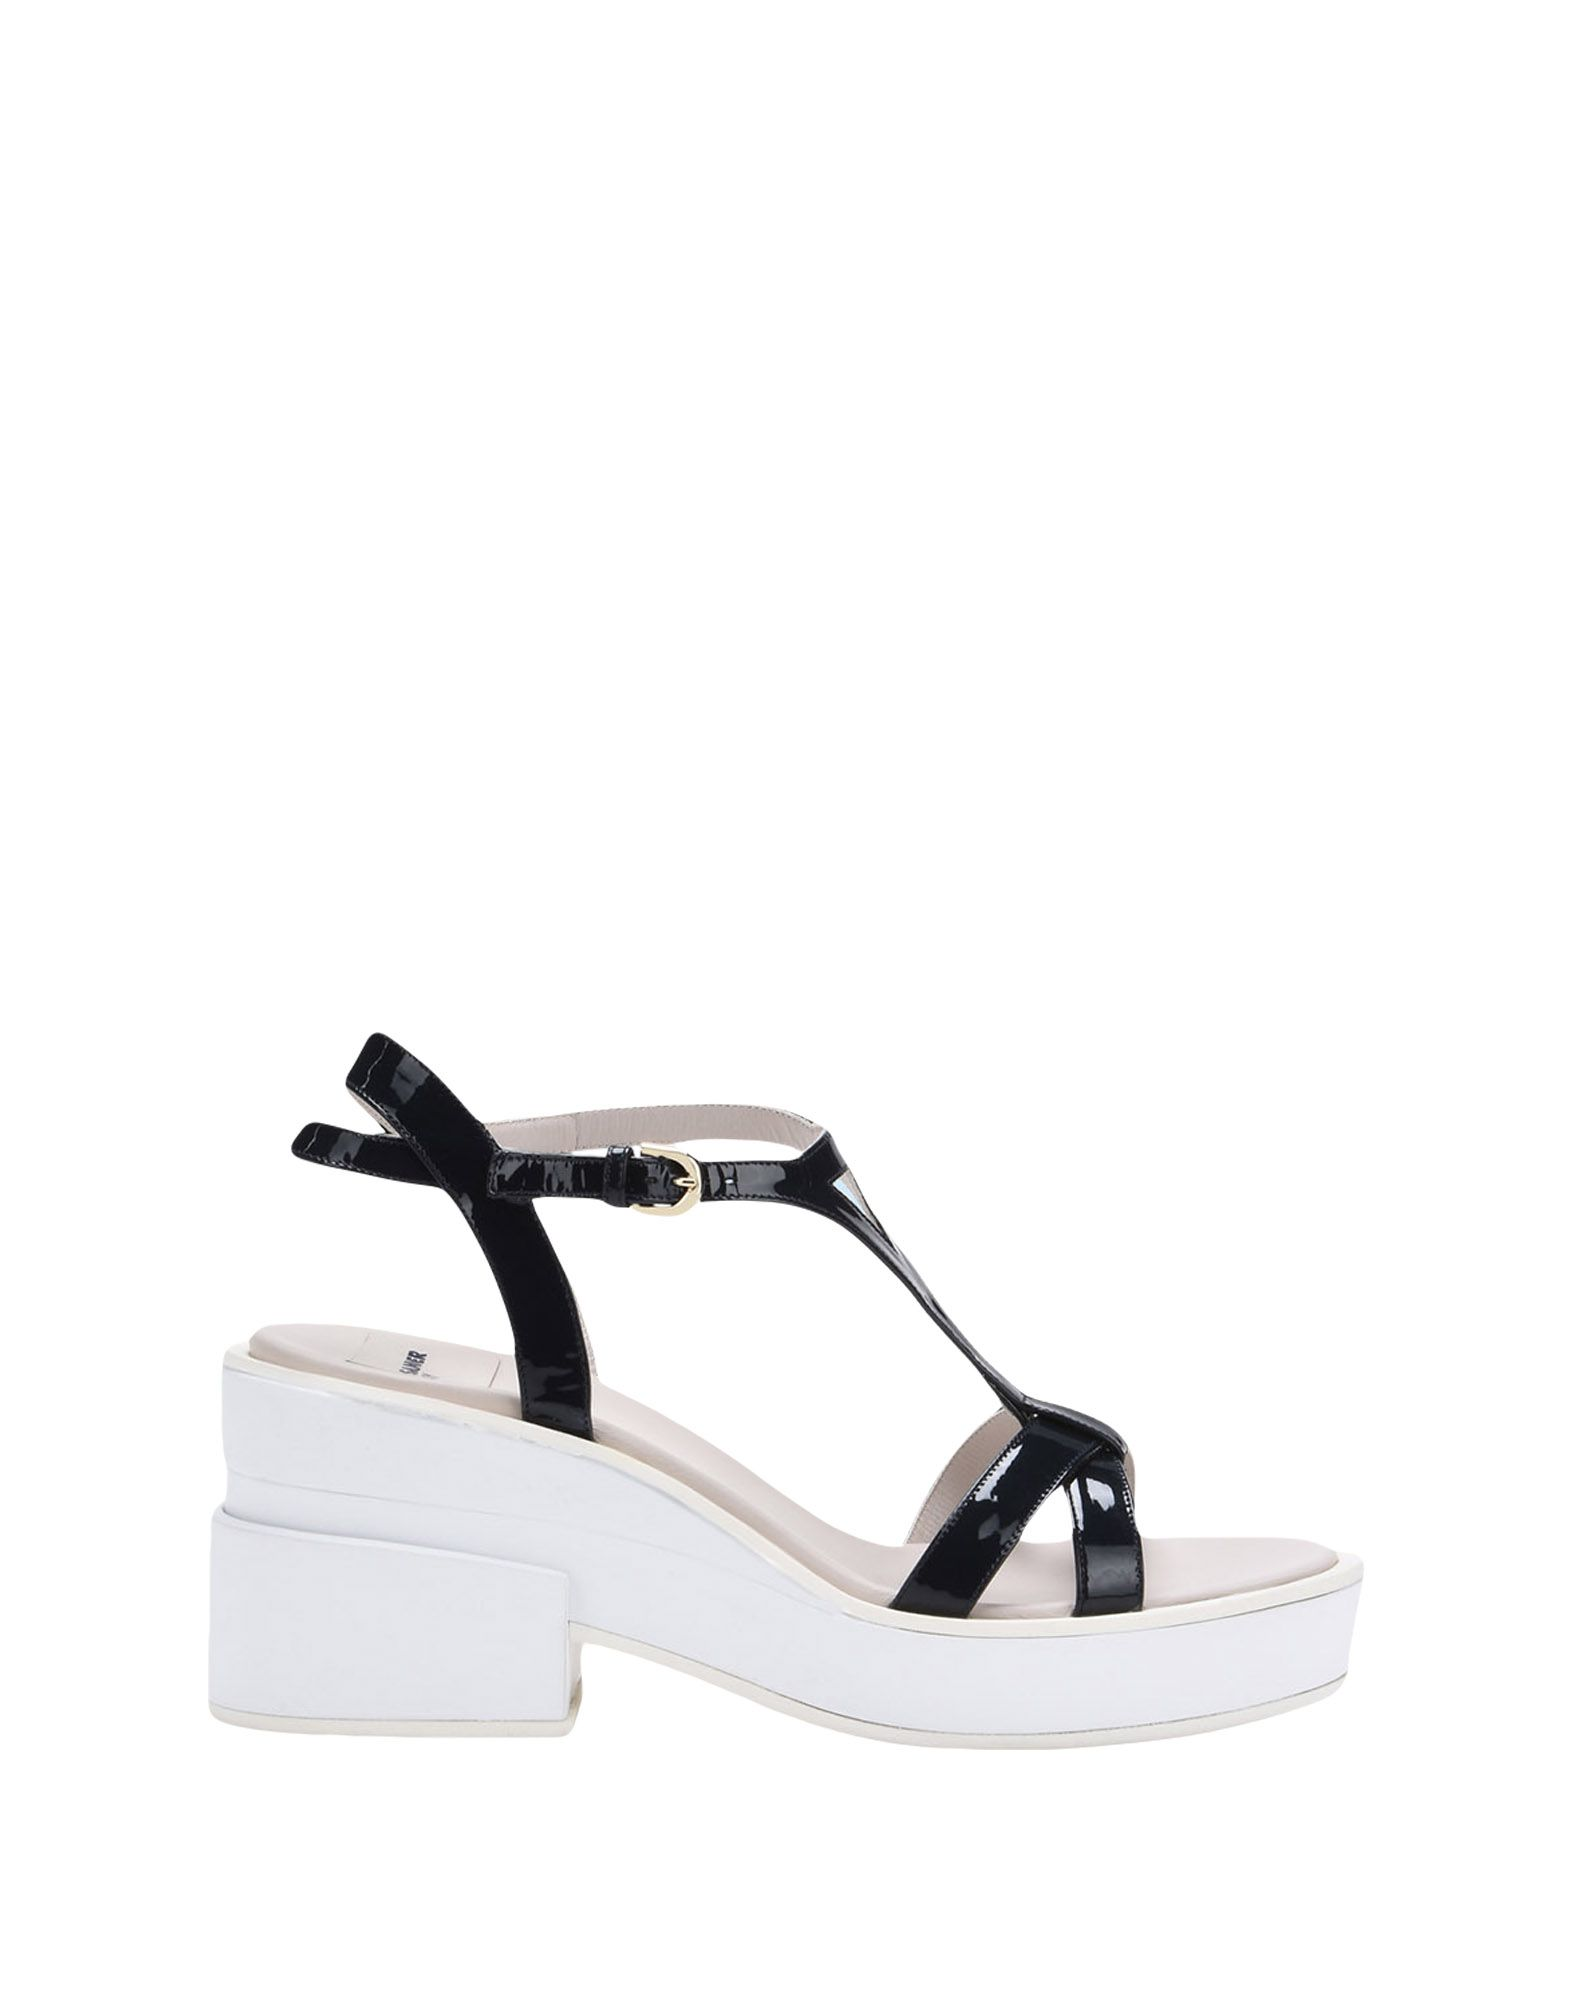 Jil Sander Navy Sandalen Damen Qualität  11435251CG Gute Qualität Damen beliebte Schuhe 8cd037